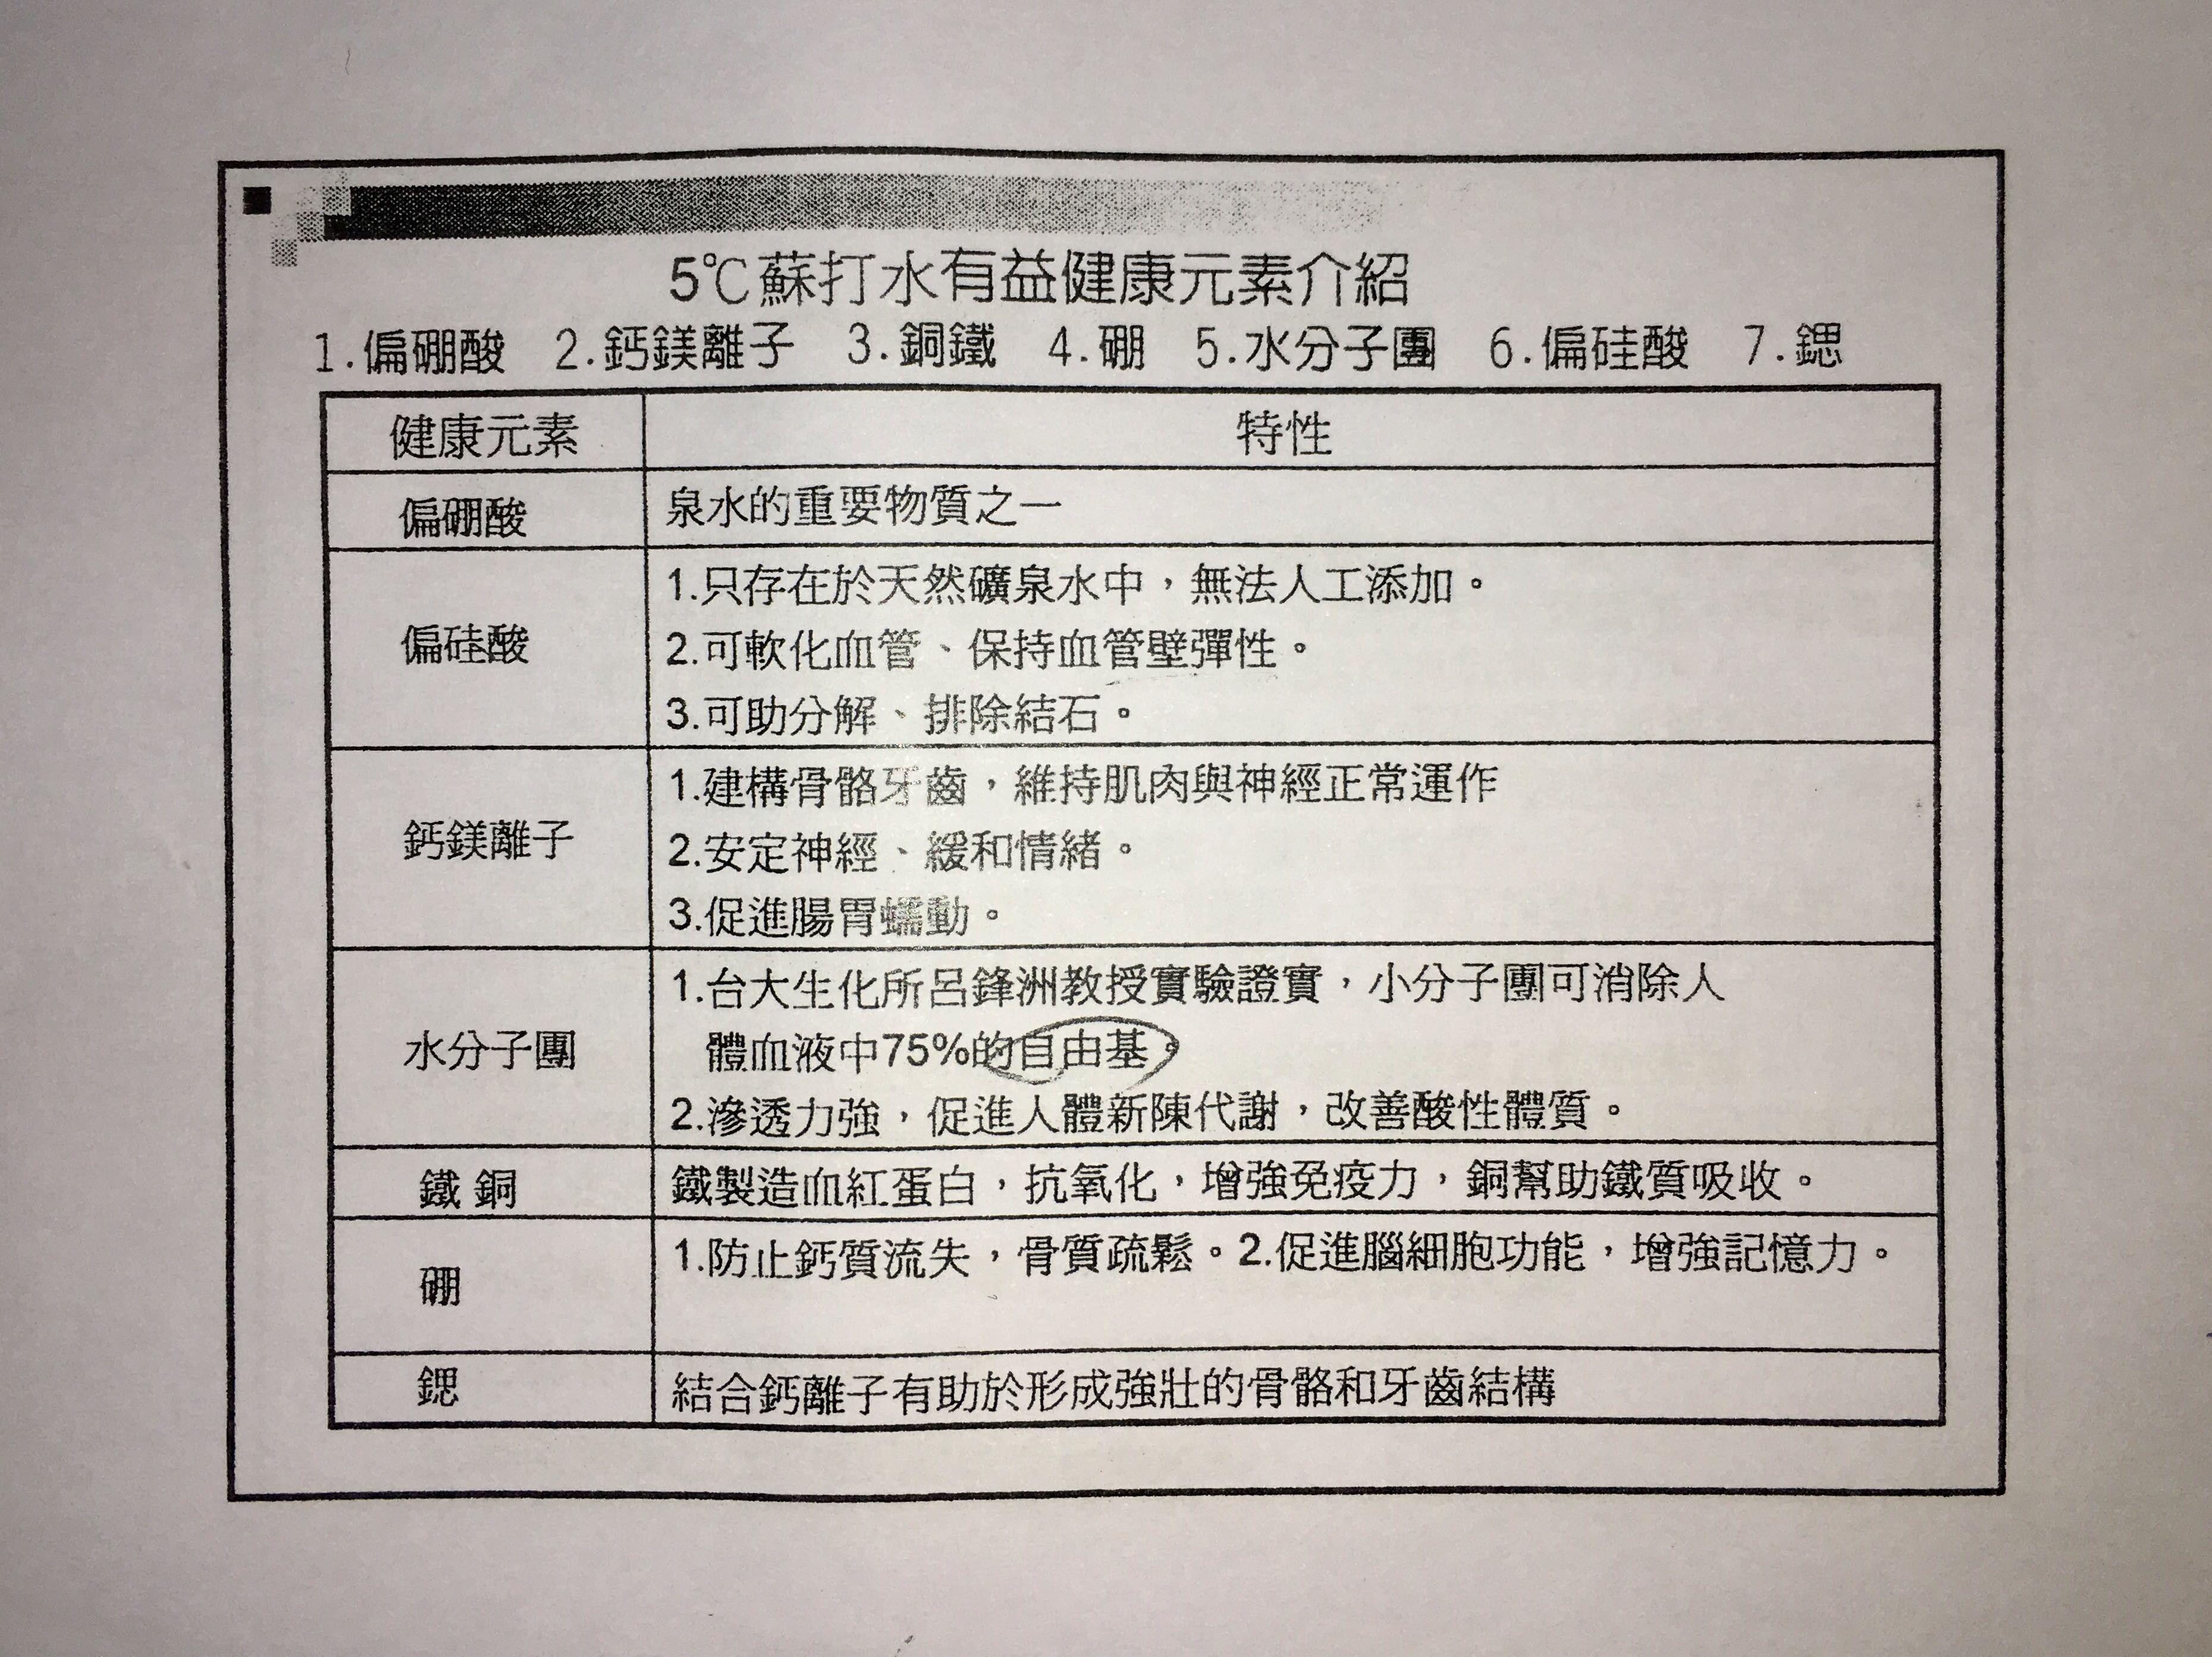 寶島眼鏡內部員工教育訓練資料-1